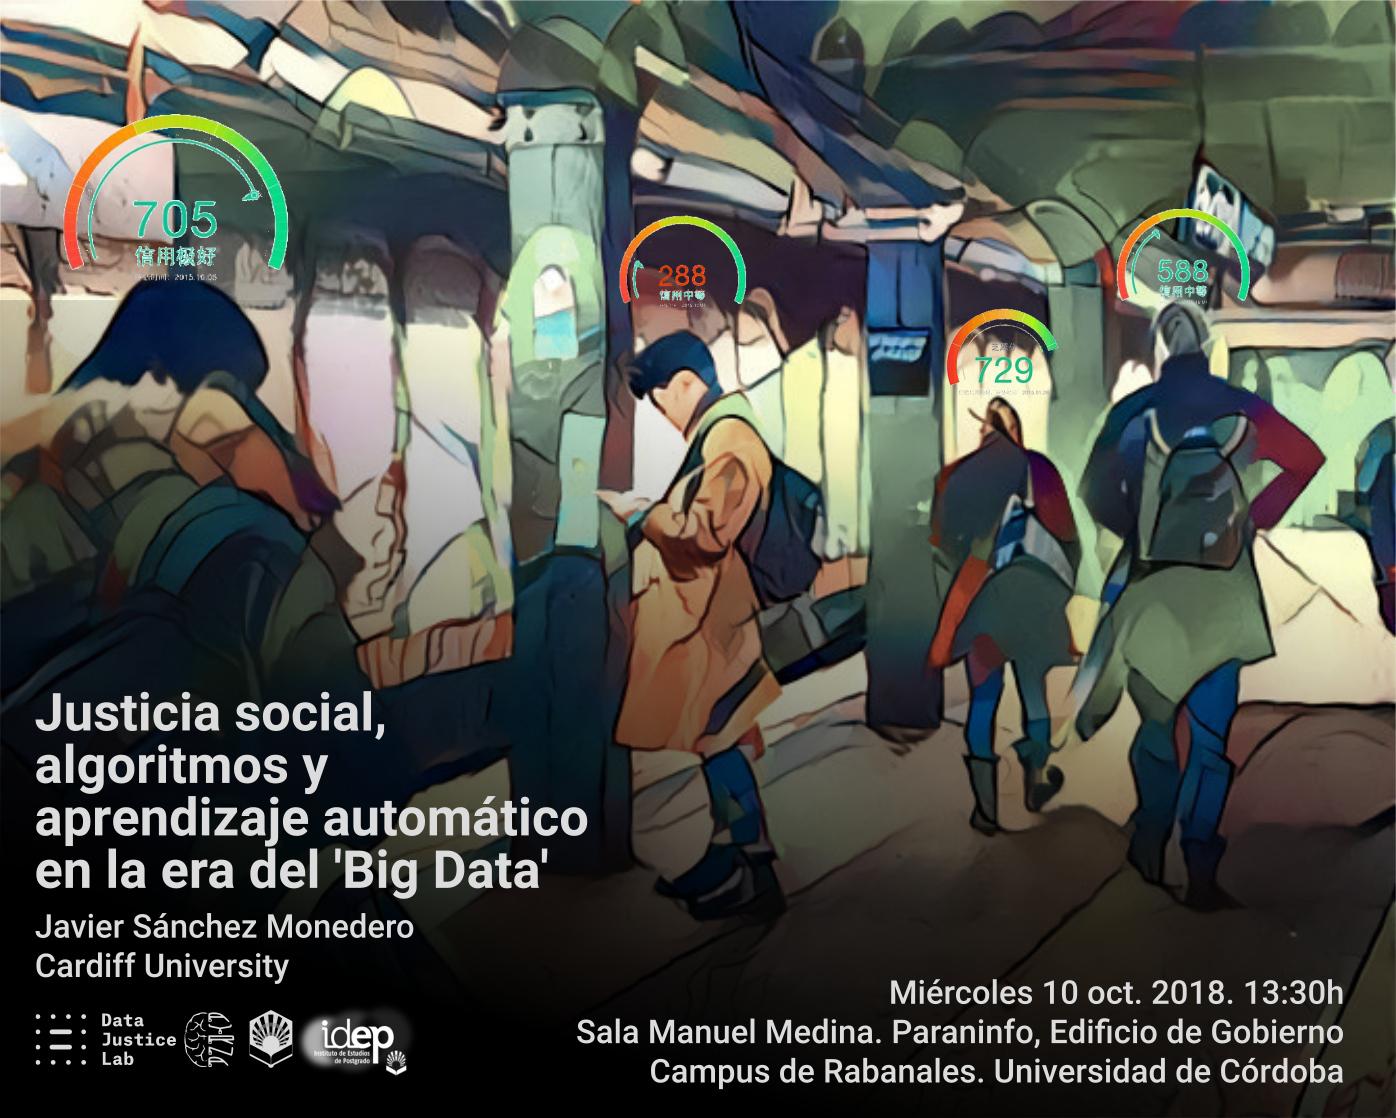 Conferencia: Justicia social, algoritmos y aprendizaje automático en la era del 'Big Data' @ Sala de Grados Manuel Medina. Paraninfo